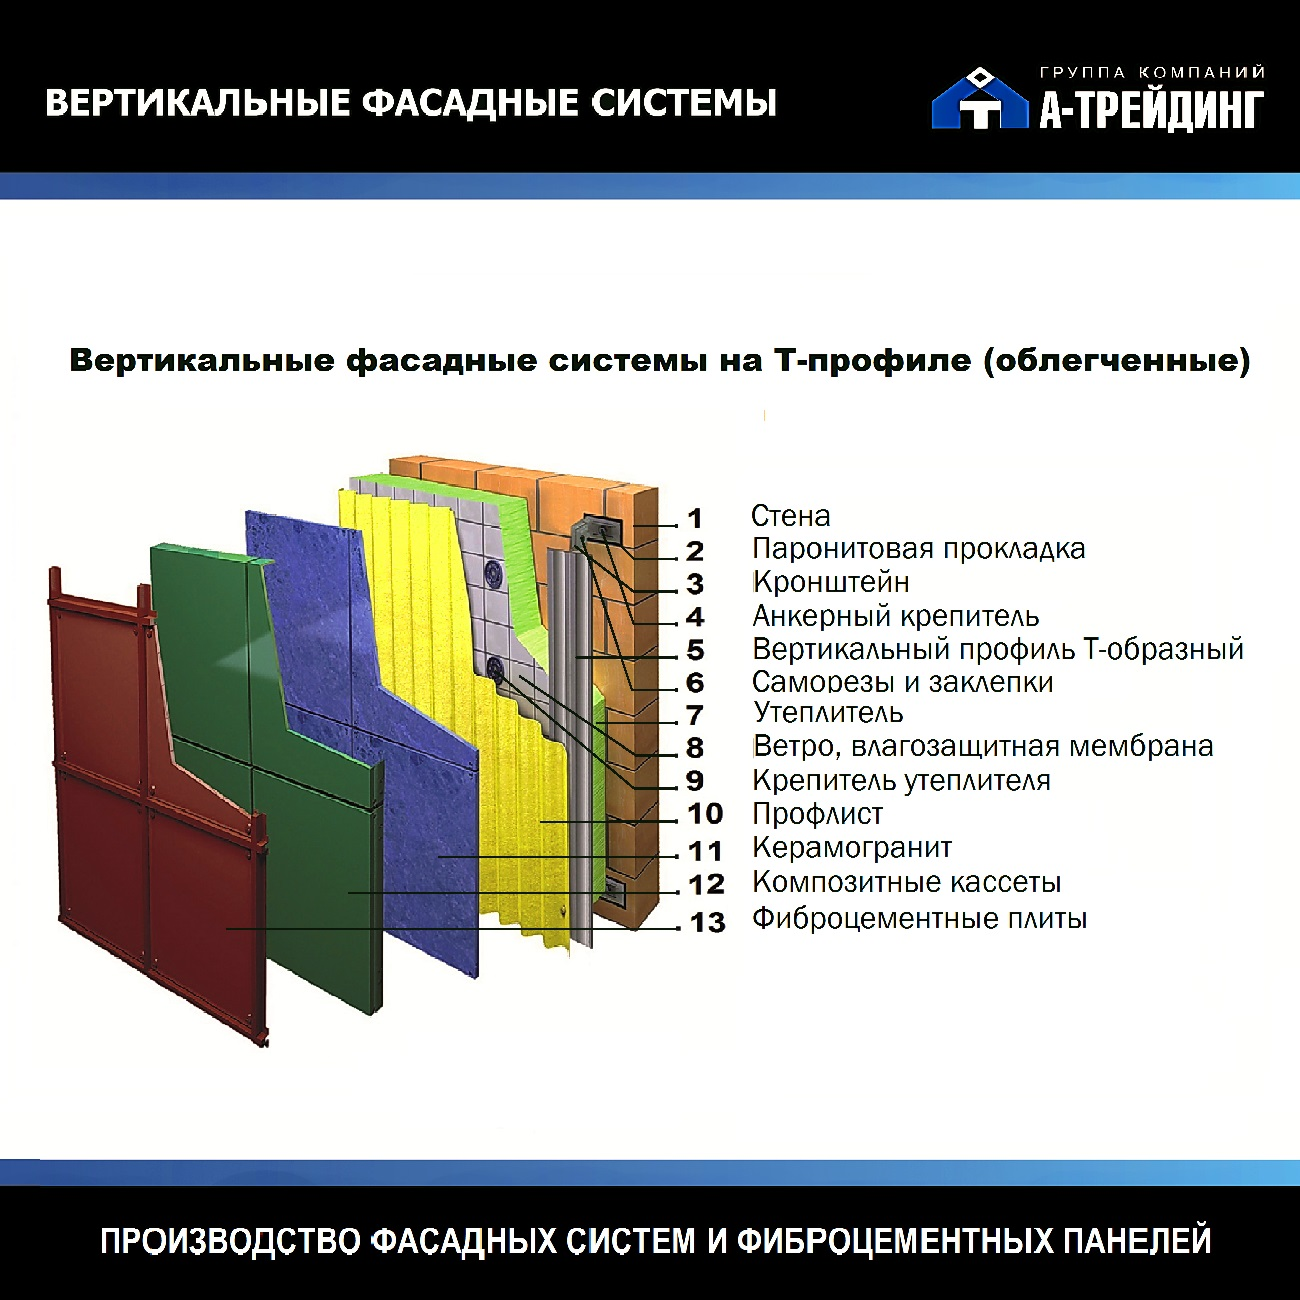 Фасадные системы вертикальные на Т-профиль